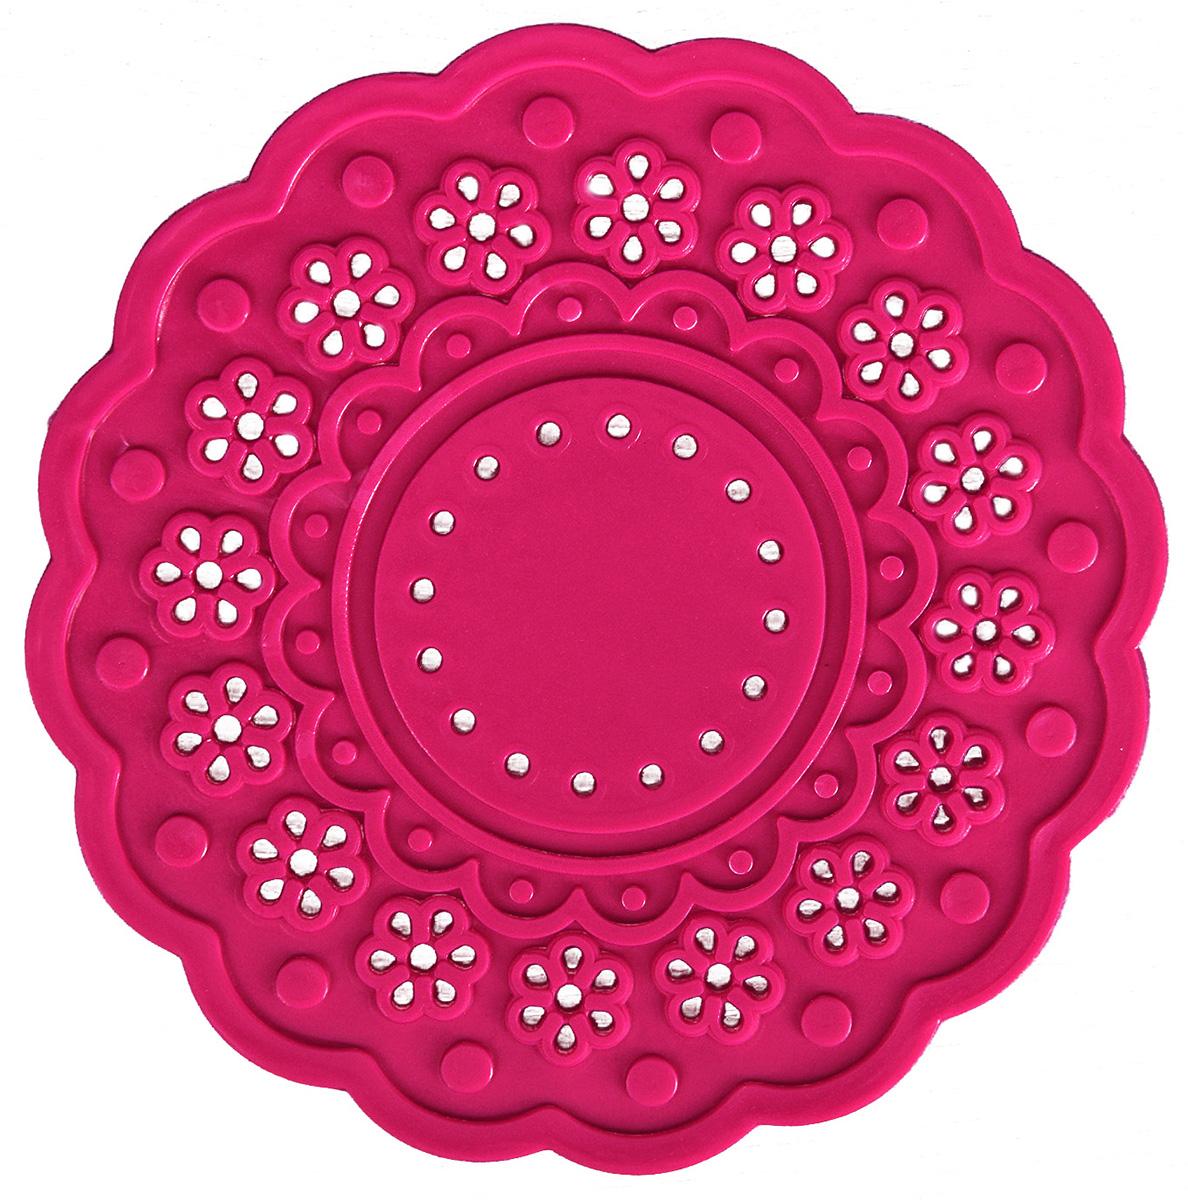 Набор подставок под горячее Доляна Затея, цвет: малиновый, диаметр 10 см, 4 шт столы